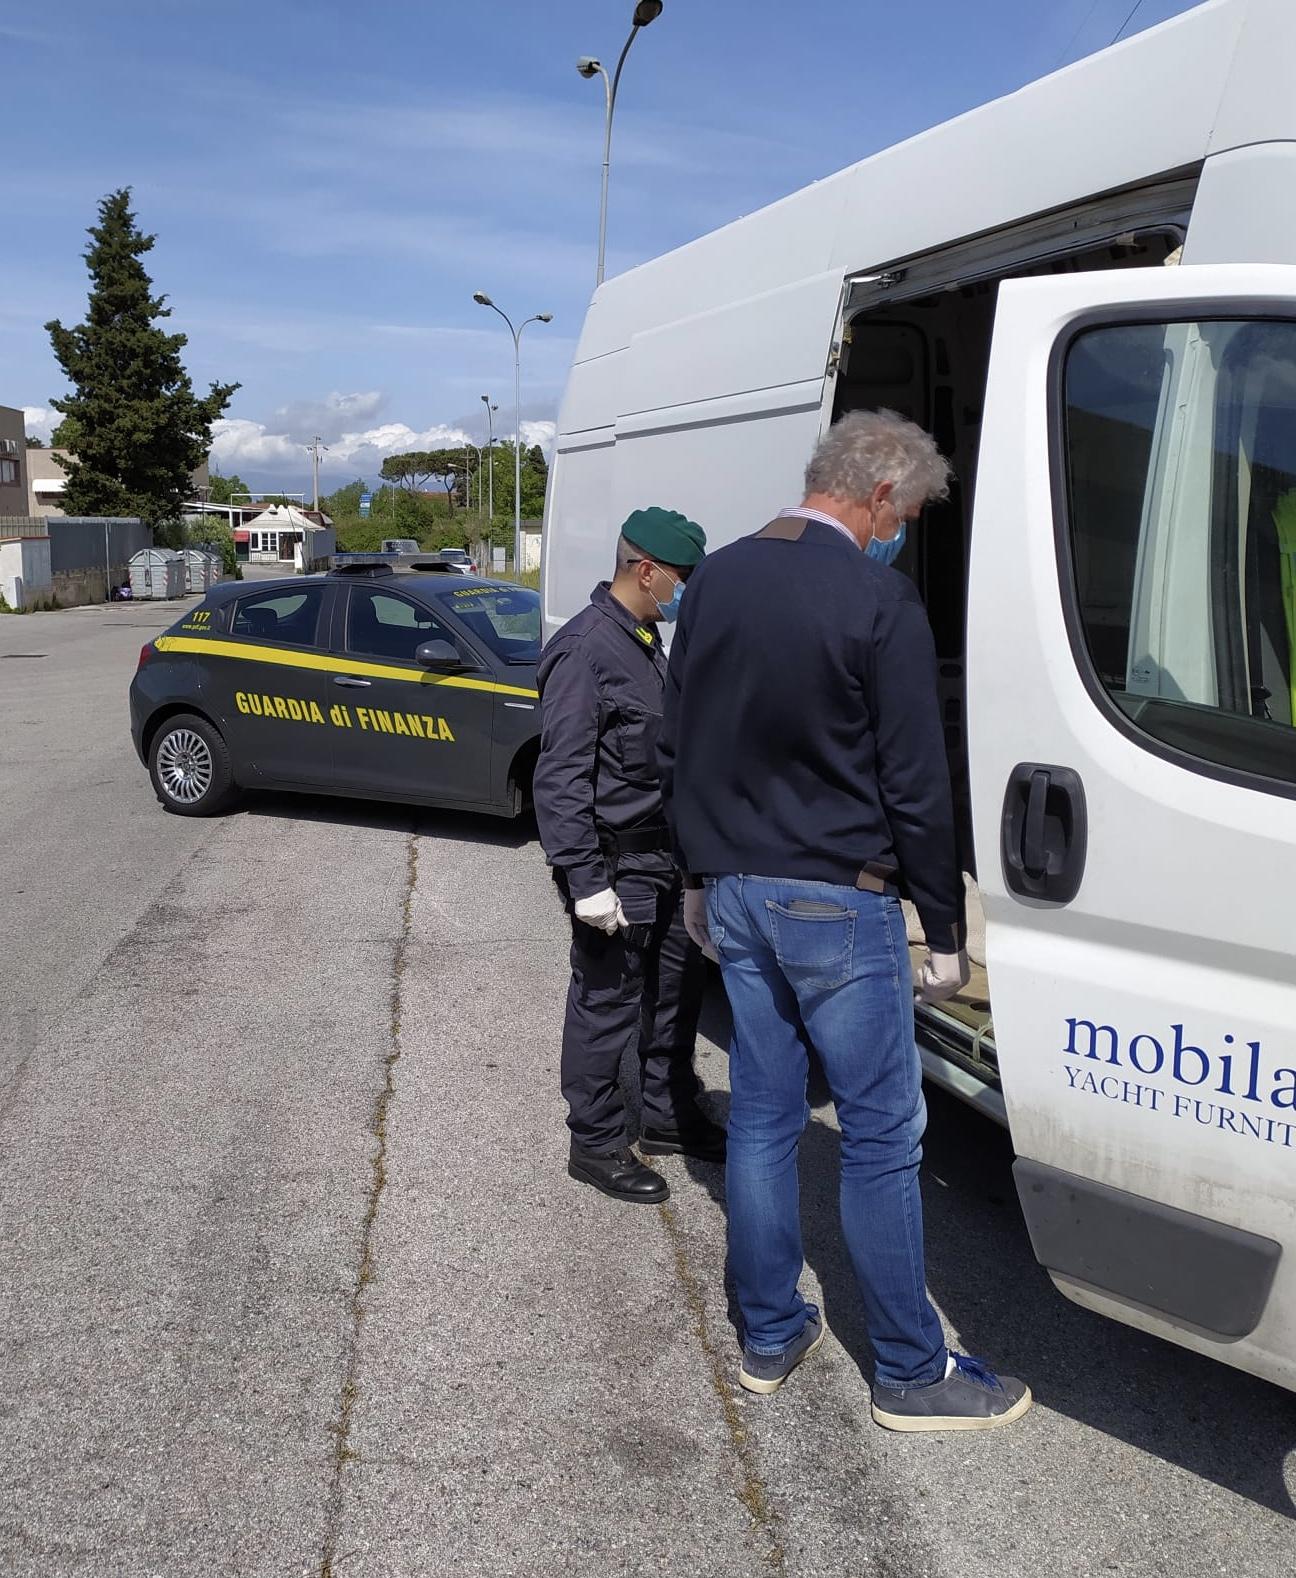 Ritrovato dalle Fiamme Gialle furgone rubato